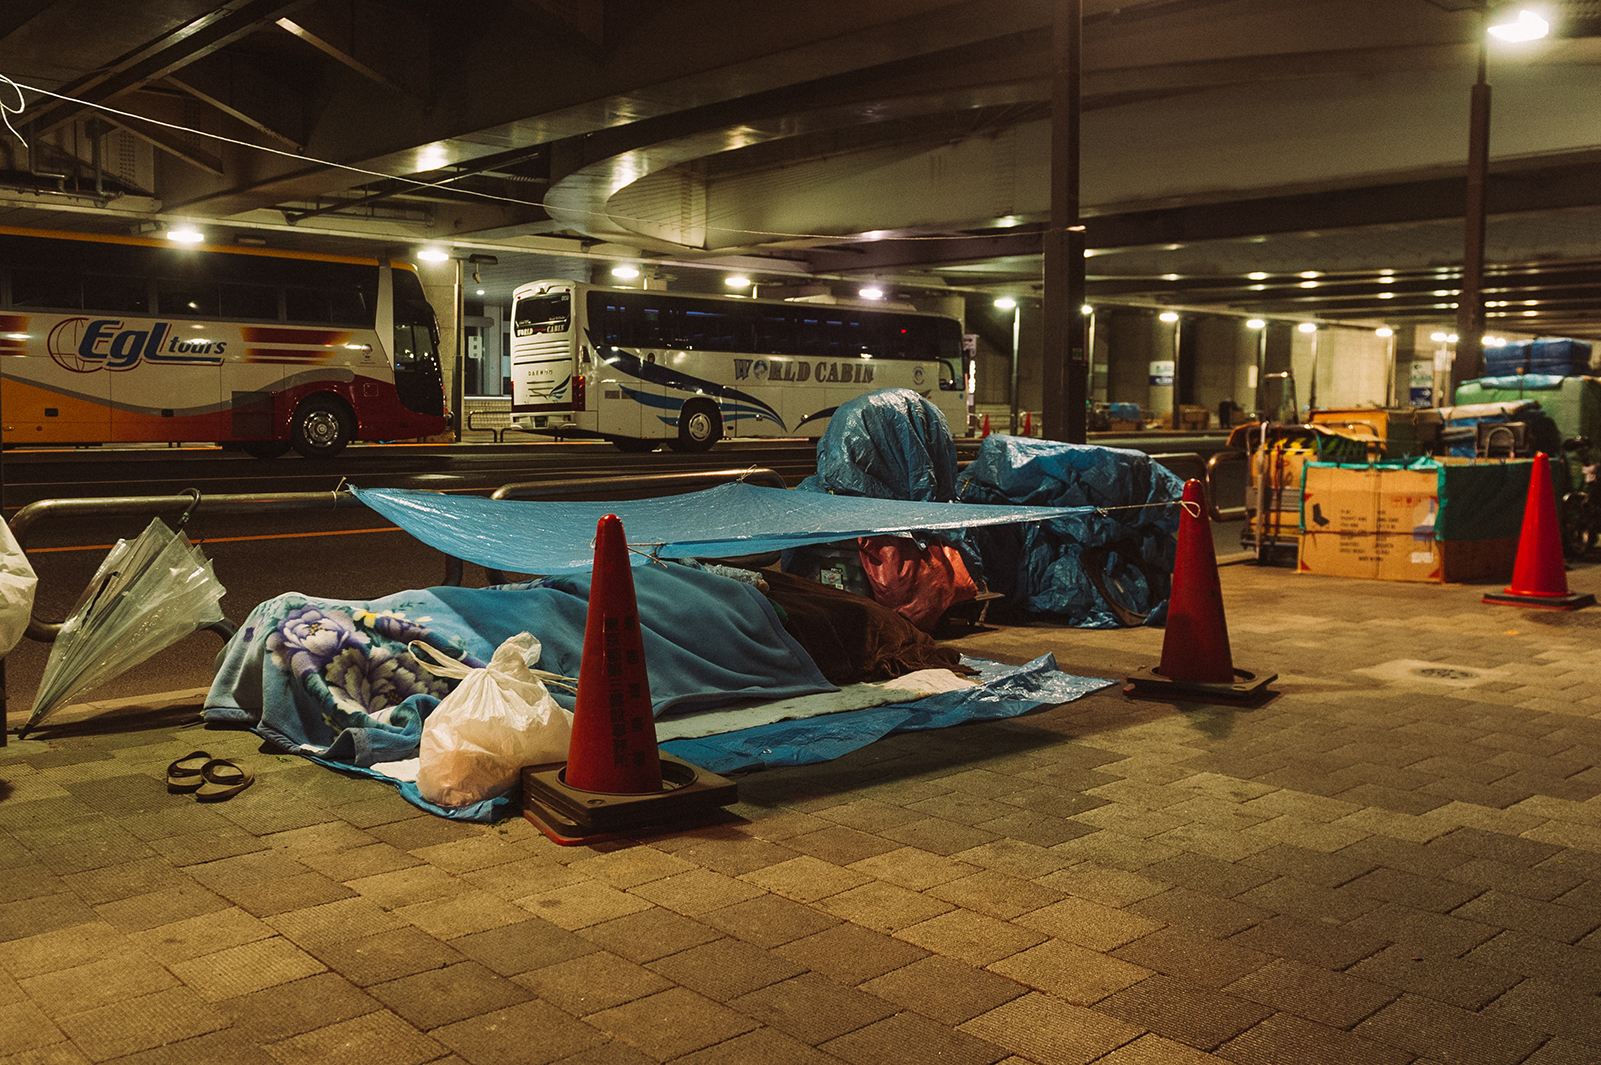 В японии тоже есть бомжи. Где-то под мостом в Токио